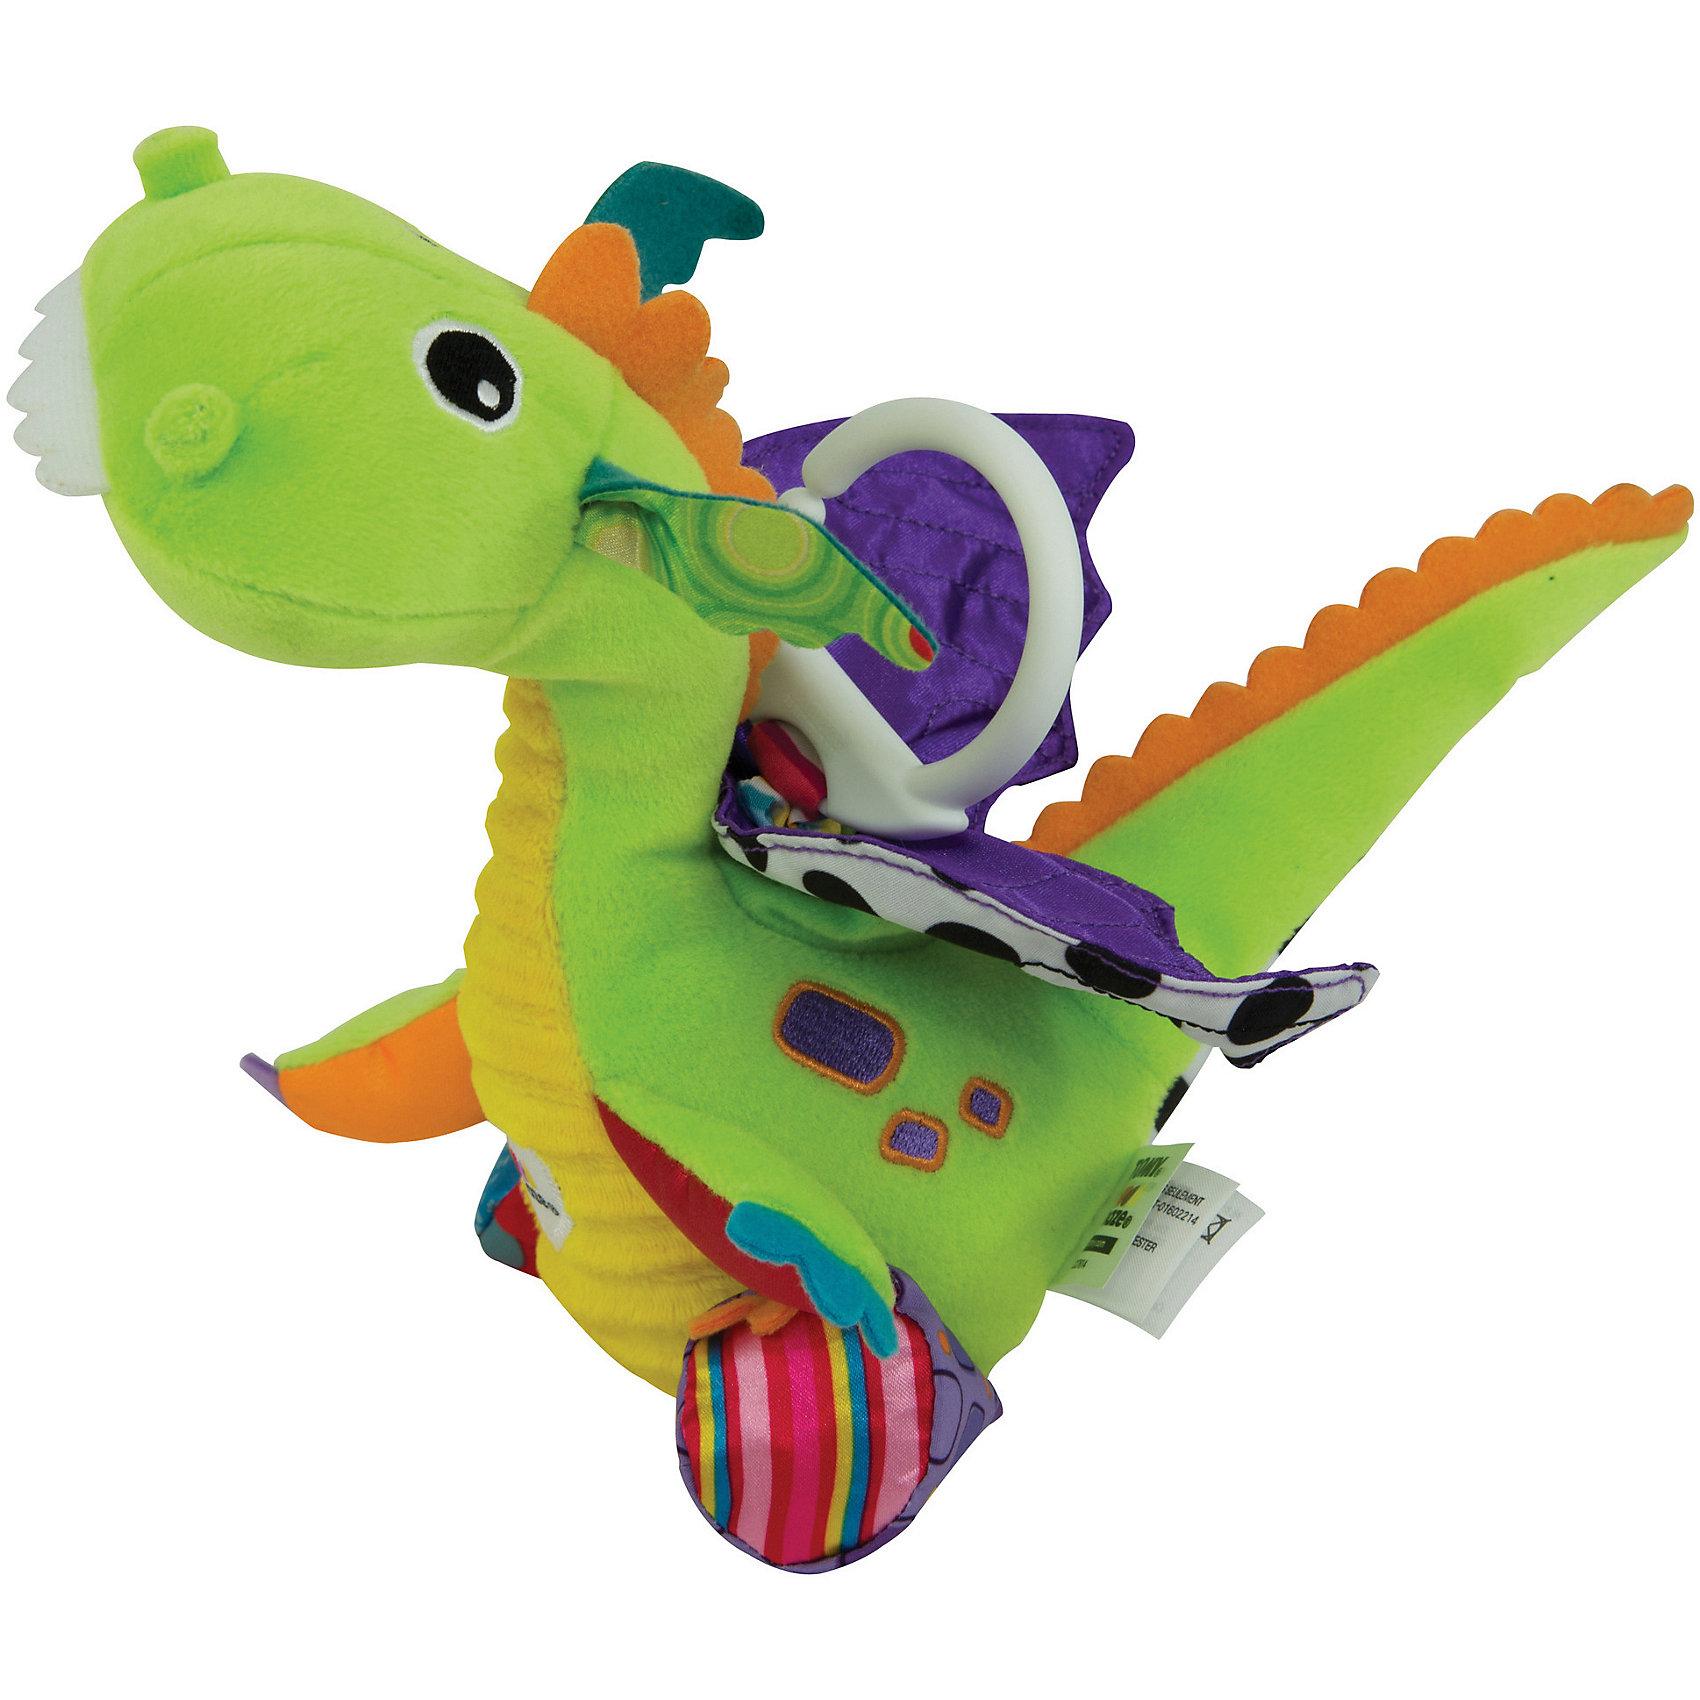 Подвеска Весёлый дракончик, LamazeПодвески<br>Подвеска Весёлый дракончик, Lamaze - забавная развивающая игрушка, которая обязательно привлечет внимание Вашего малыша. Симпатичный красочный дракончик выполнен в ярких разноцветных тонах, очень мягкий и приятный на ощупь. Материалы 6 разных фактур, контрастные цвета и шуршащие детали стимулируют развитие тактильных и сенсорных навыков ребенка. Имеется кольцо с мягкой пружинкой для крепления к кроватке или коляске. Потяните игрушку вниз за разноцветную пружинку и дракончик будет хлопать блестящими крылышками. Игрушка способствует развитию воображения и познавательной активности, учит причинно-следственным связям, тренирует мелкую моторику.<br><br>Дополнительная информация:<br><br>- Материал: текстиль.<br>- Размер игрушки: 20 x 12 x 28 см.<br>- Вес: 118 гр.<br><br>Подвеску Весёлый дракончик, Lamaze, можно купить в нашем интернет-магазине.<br><br>Ширина мм: 299<br>Глубина мм: 192<br>Высота мм: 119<br>Вес г: 137<br>Возраст от месяцев: 3<br>Возраст до месяцев: 18<br>Пол: Унисекс<br>Возраст: Детский<br>SKU: 3965935